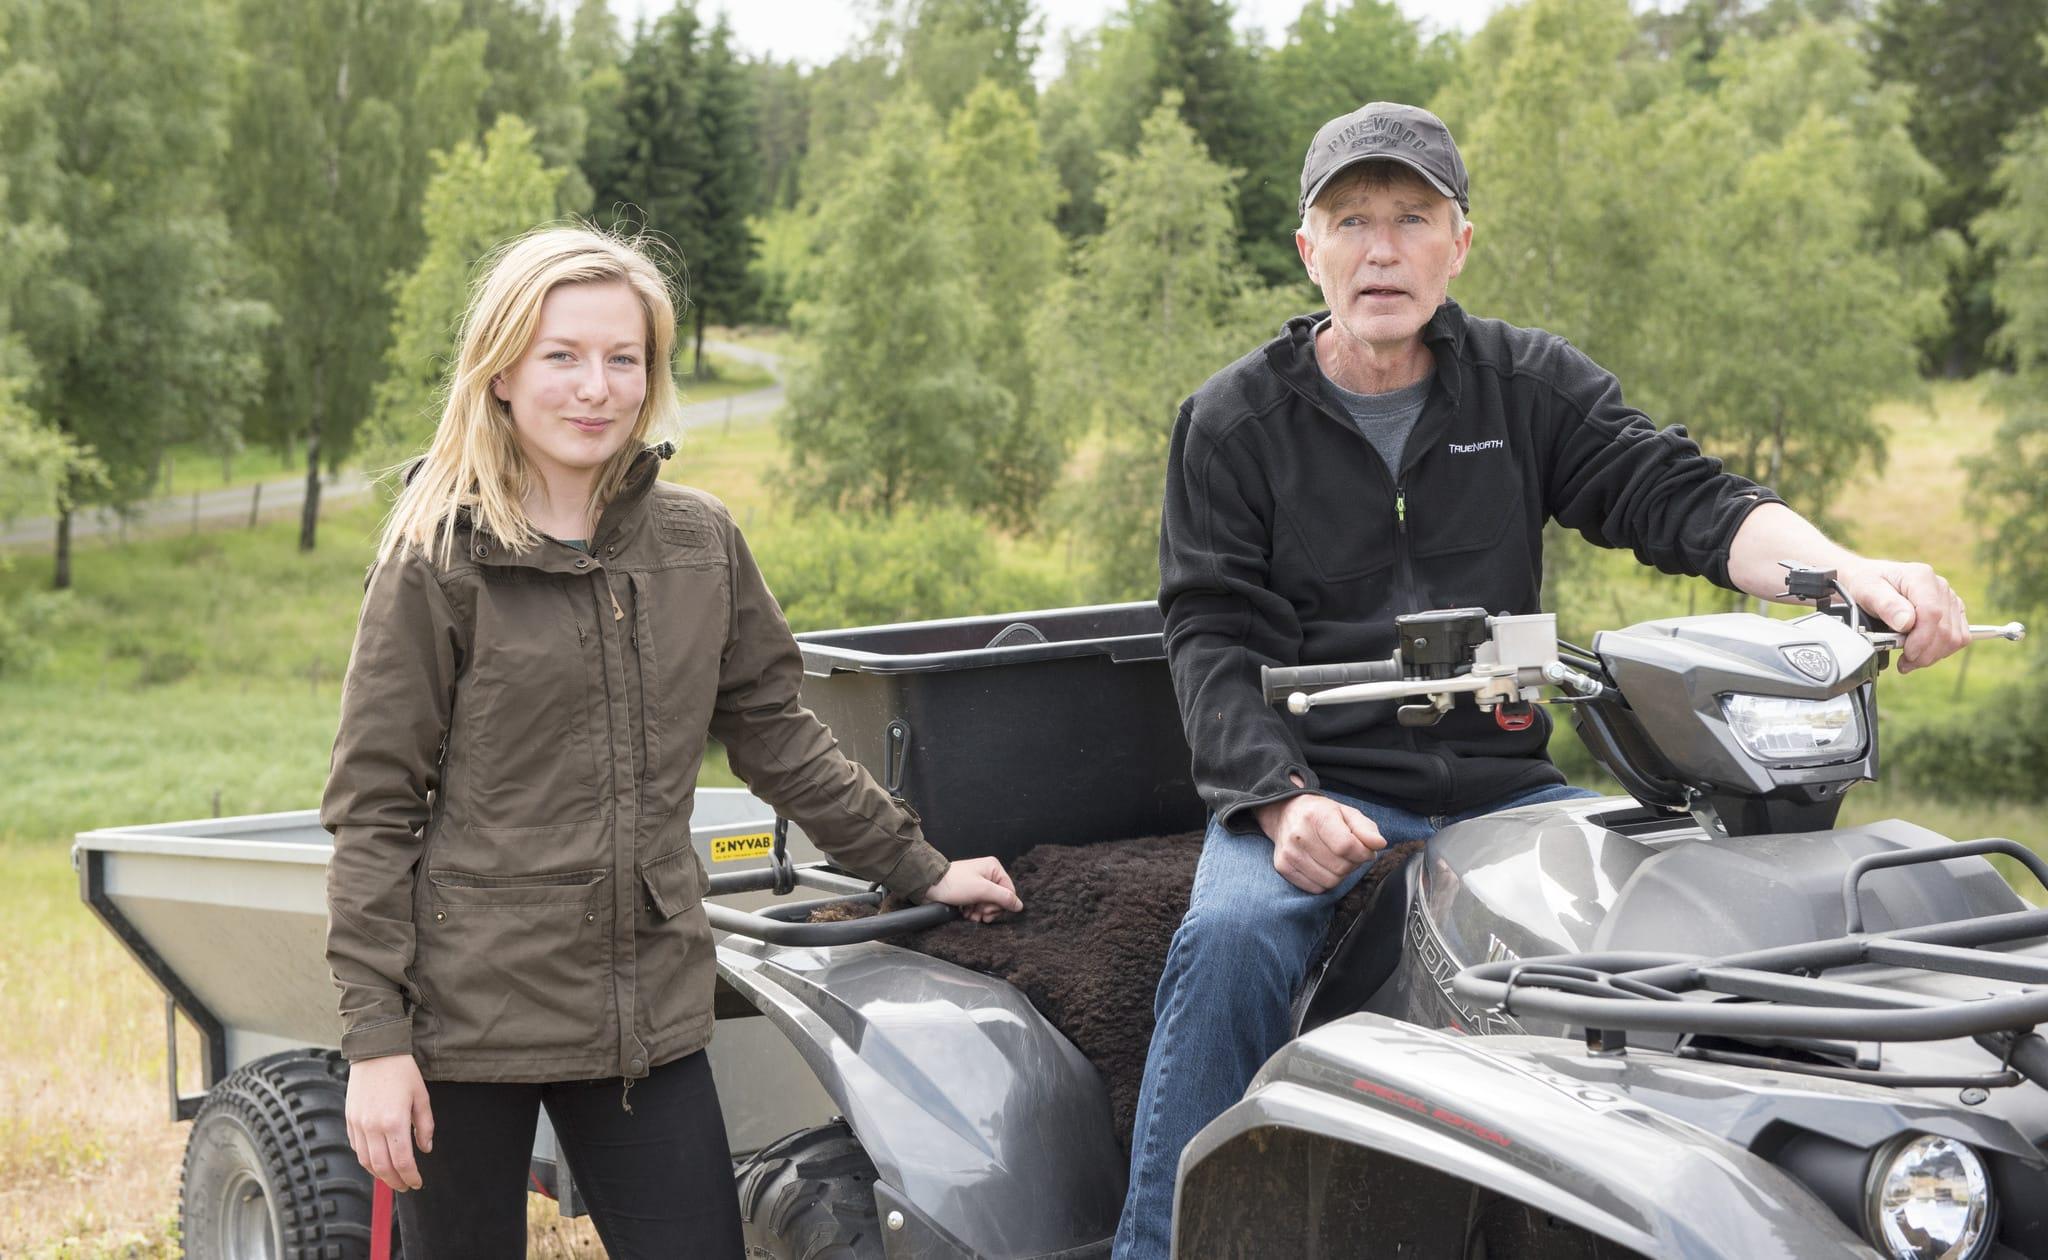 Emma Rolandsdotter och Roland Claesson vill kunna jaga tillsammans som vilken jagande familj som helst. De välkomnar regeringens beslut att underlätta för funktionshindrade jägare, men det är bara ett steg på vägen, anser de.